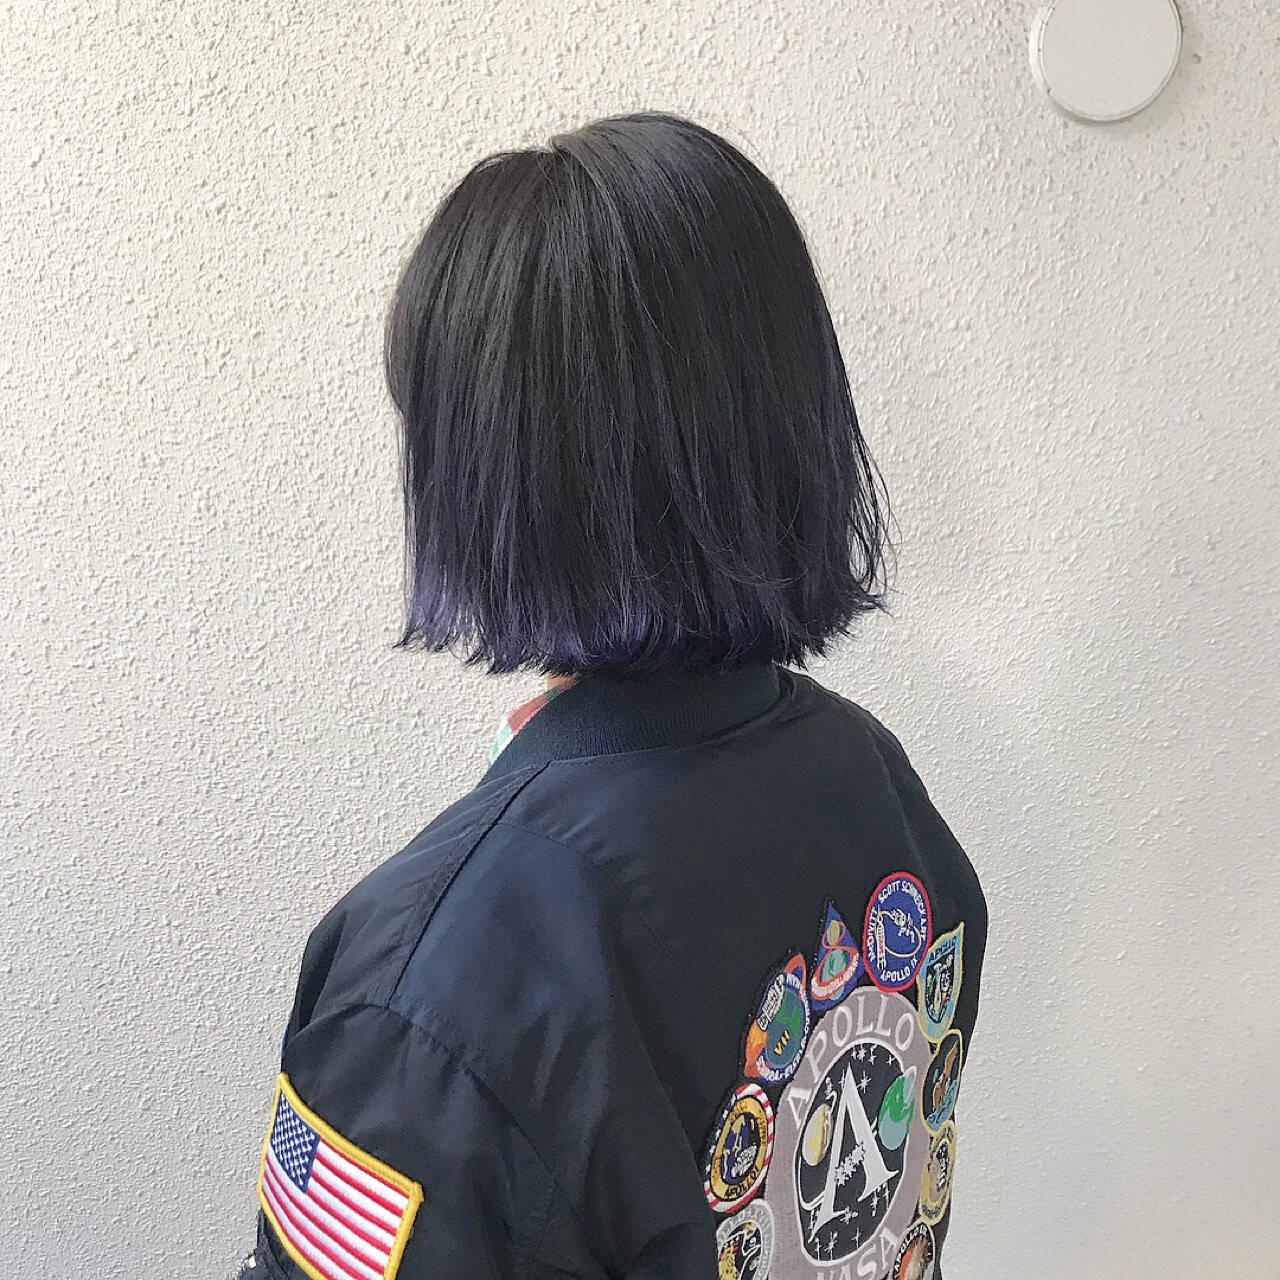 ダブルカラー 外国人風 モード 外国人風カラーヘアスタイルや髪型の写真・画像